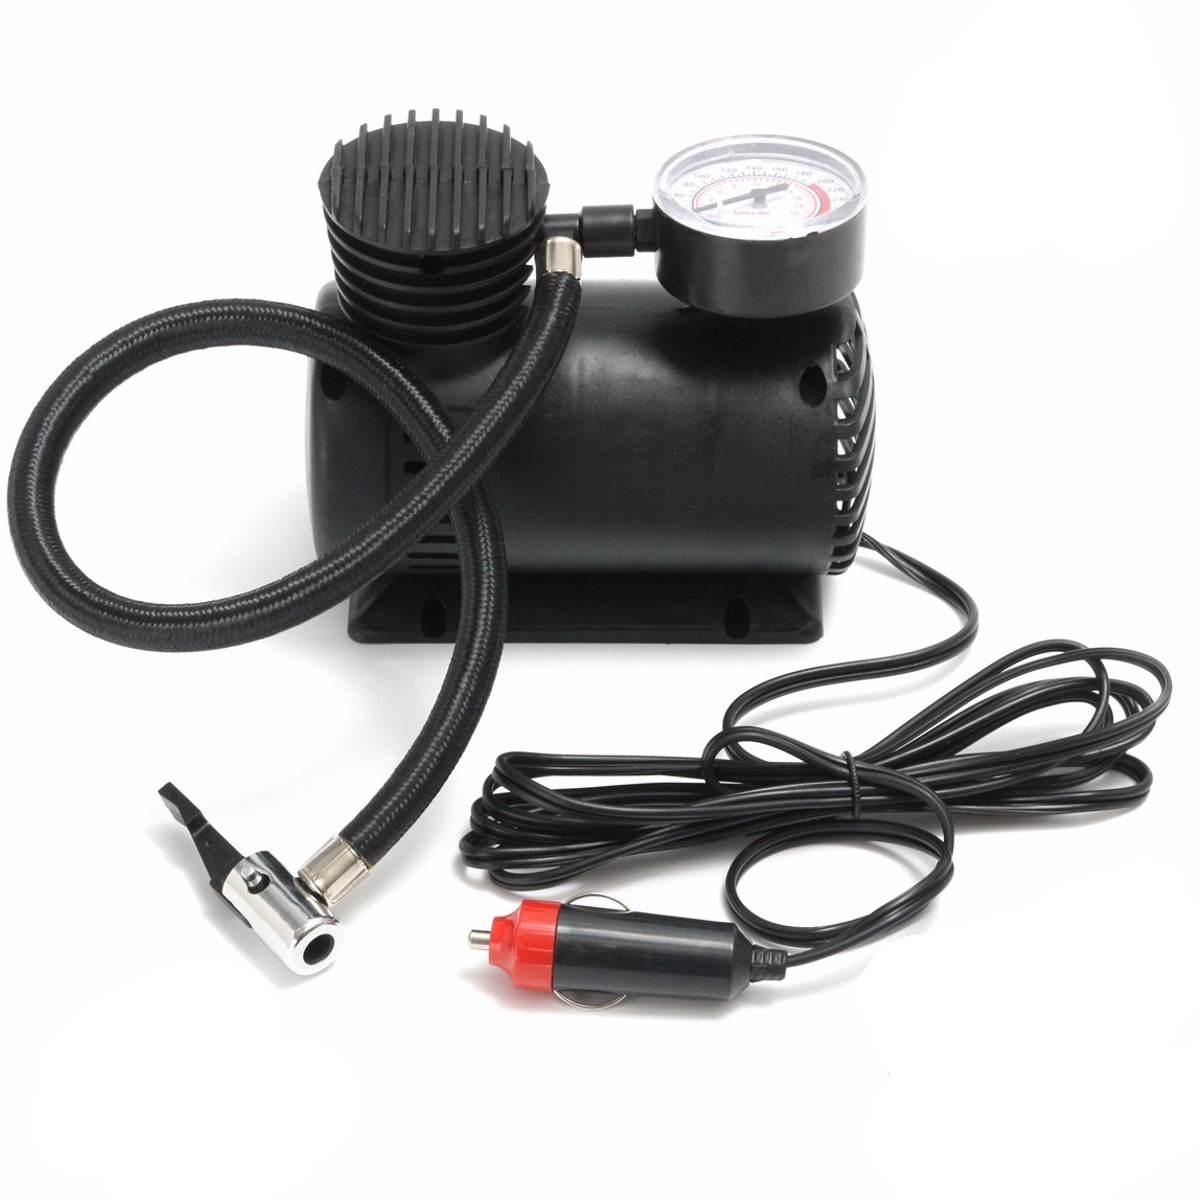 300PSI Mini 12V compresor de aire portátil Auto eléctrico coche bicicleta neumático inflador bomba con 2 adaptadores de boquilla accesorios de bicicleta